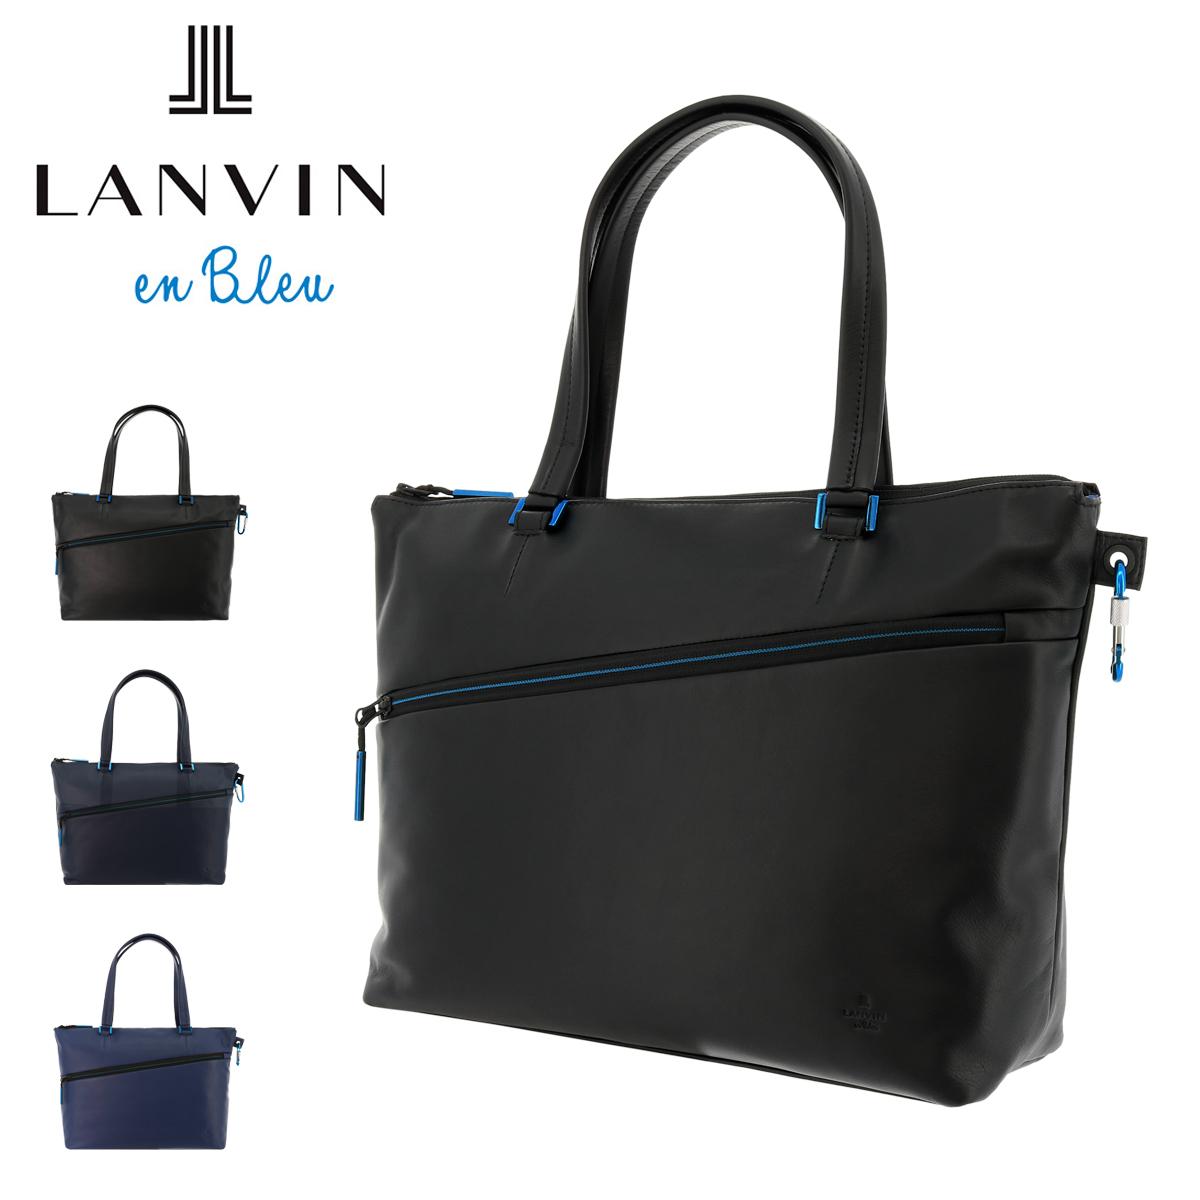 ランバンオンブルー トートバッグ A4 アルマイト メンズ554701 LANVIN en Bleu | 本革 牛革 レザー[PO10][即日発送]